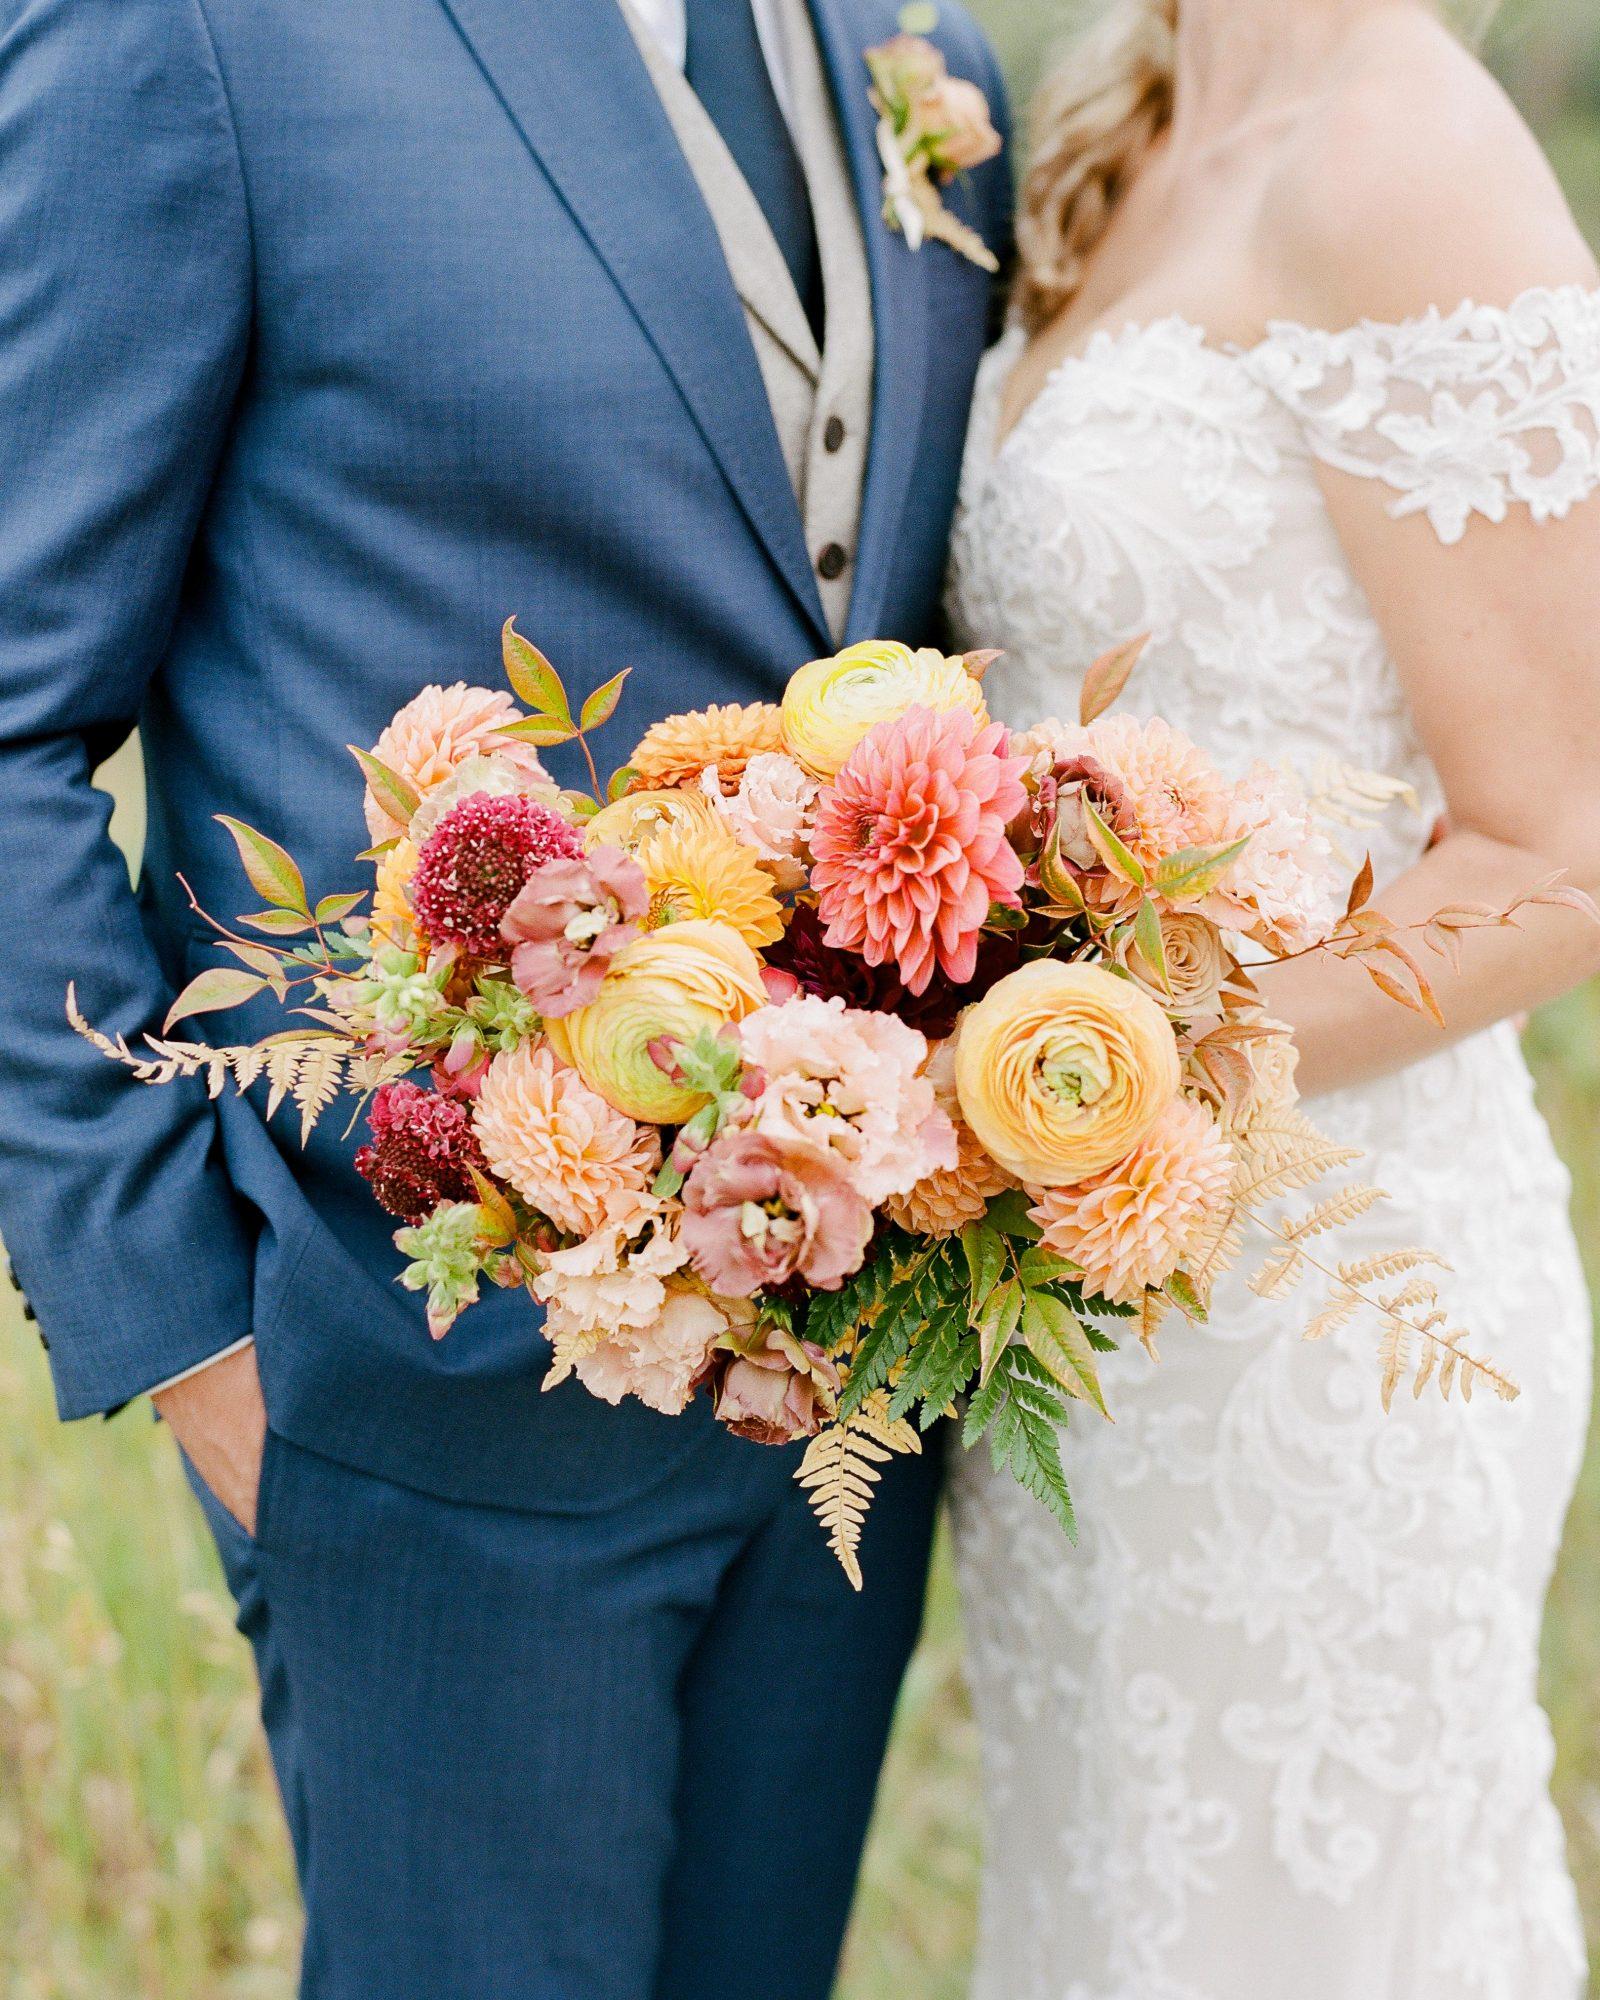 jill phil wedding couple bride's floral bouquet